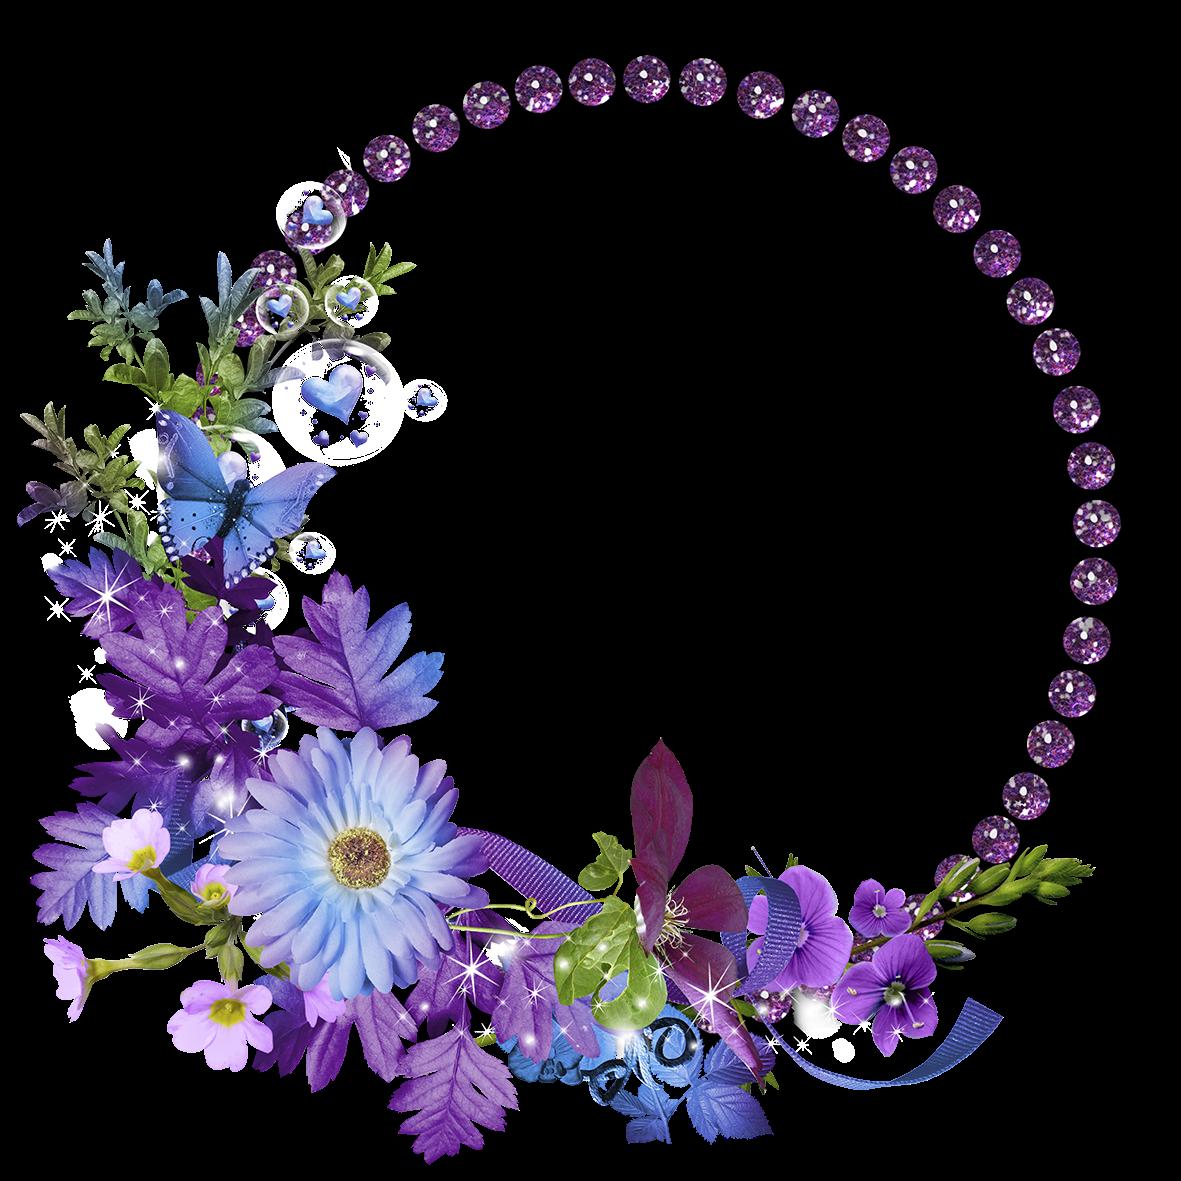 Purple Flower Clipart No Background: MARCOS GRATIS PARA FOTOS: MARCOS PARA PHOTOSHOP, LABELS